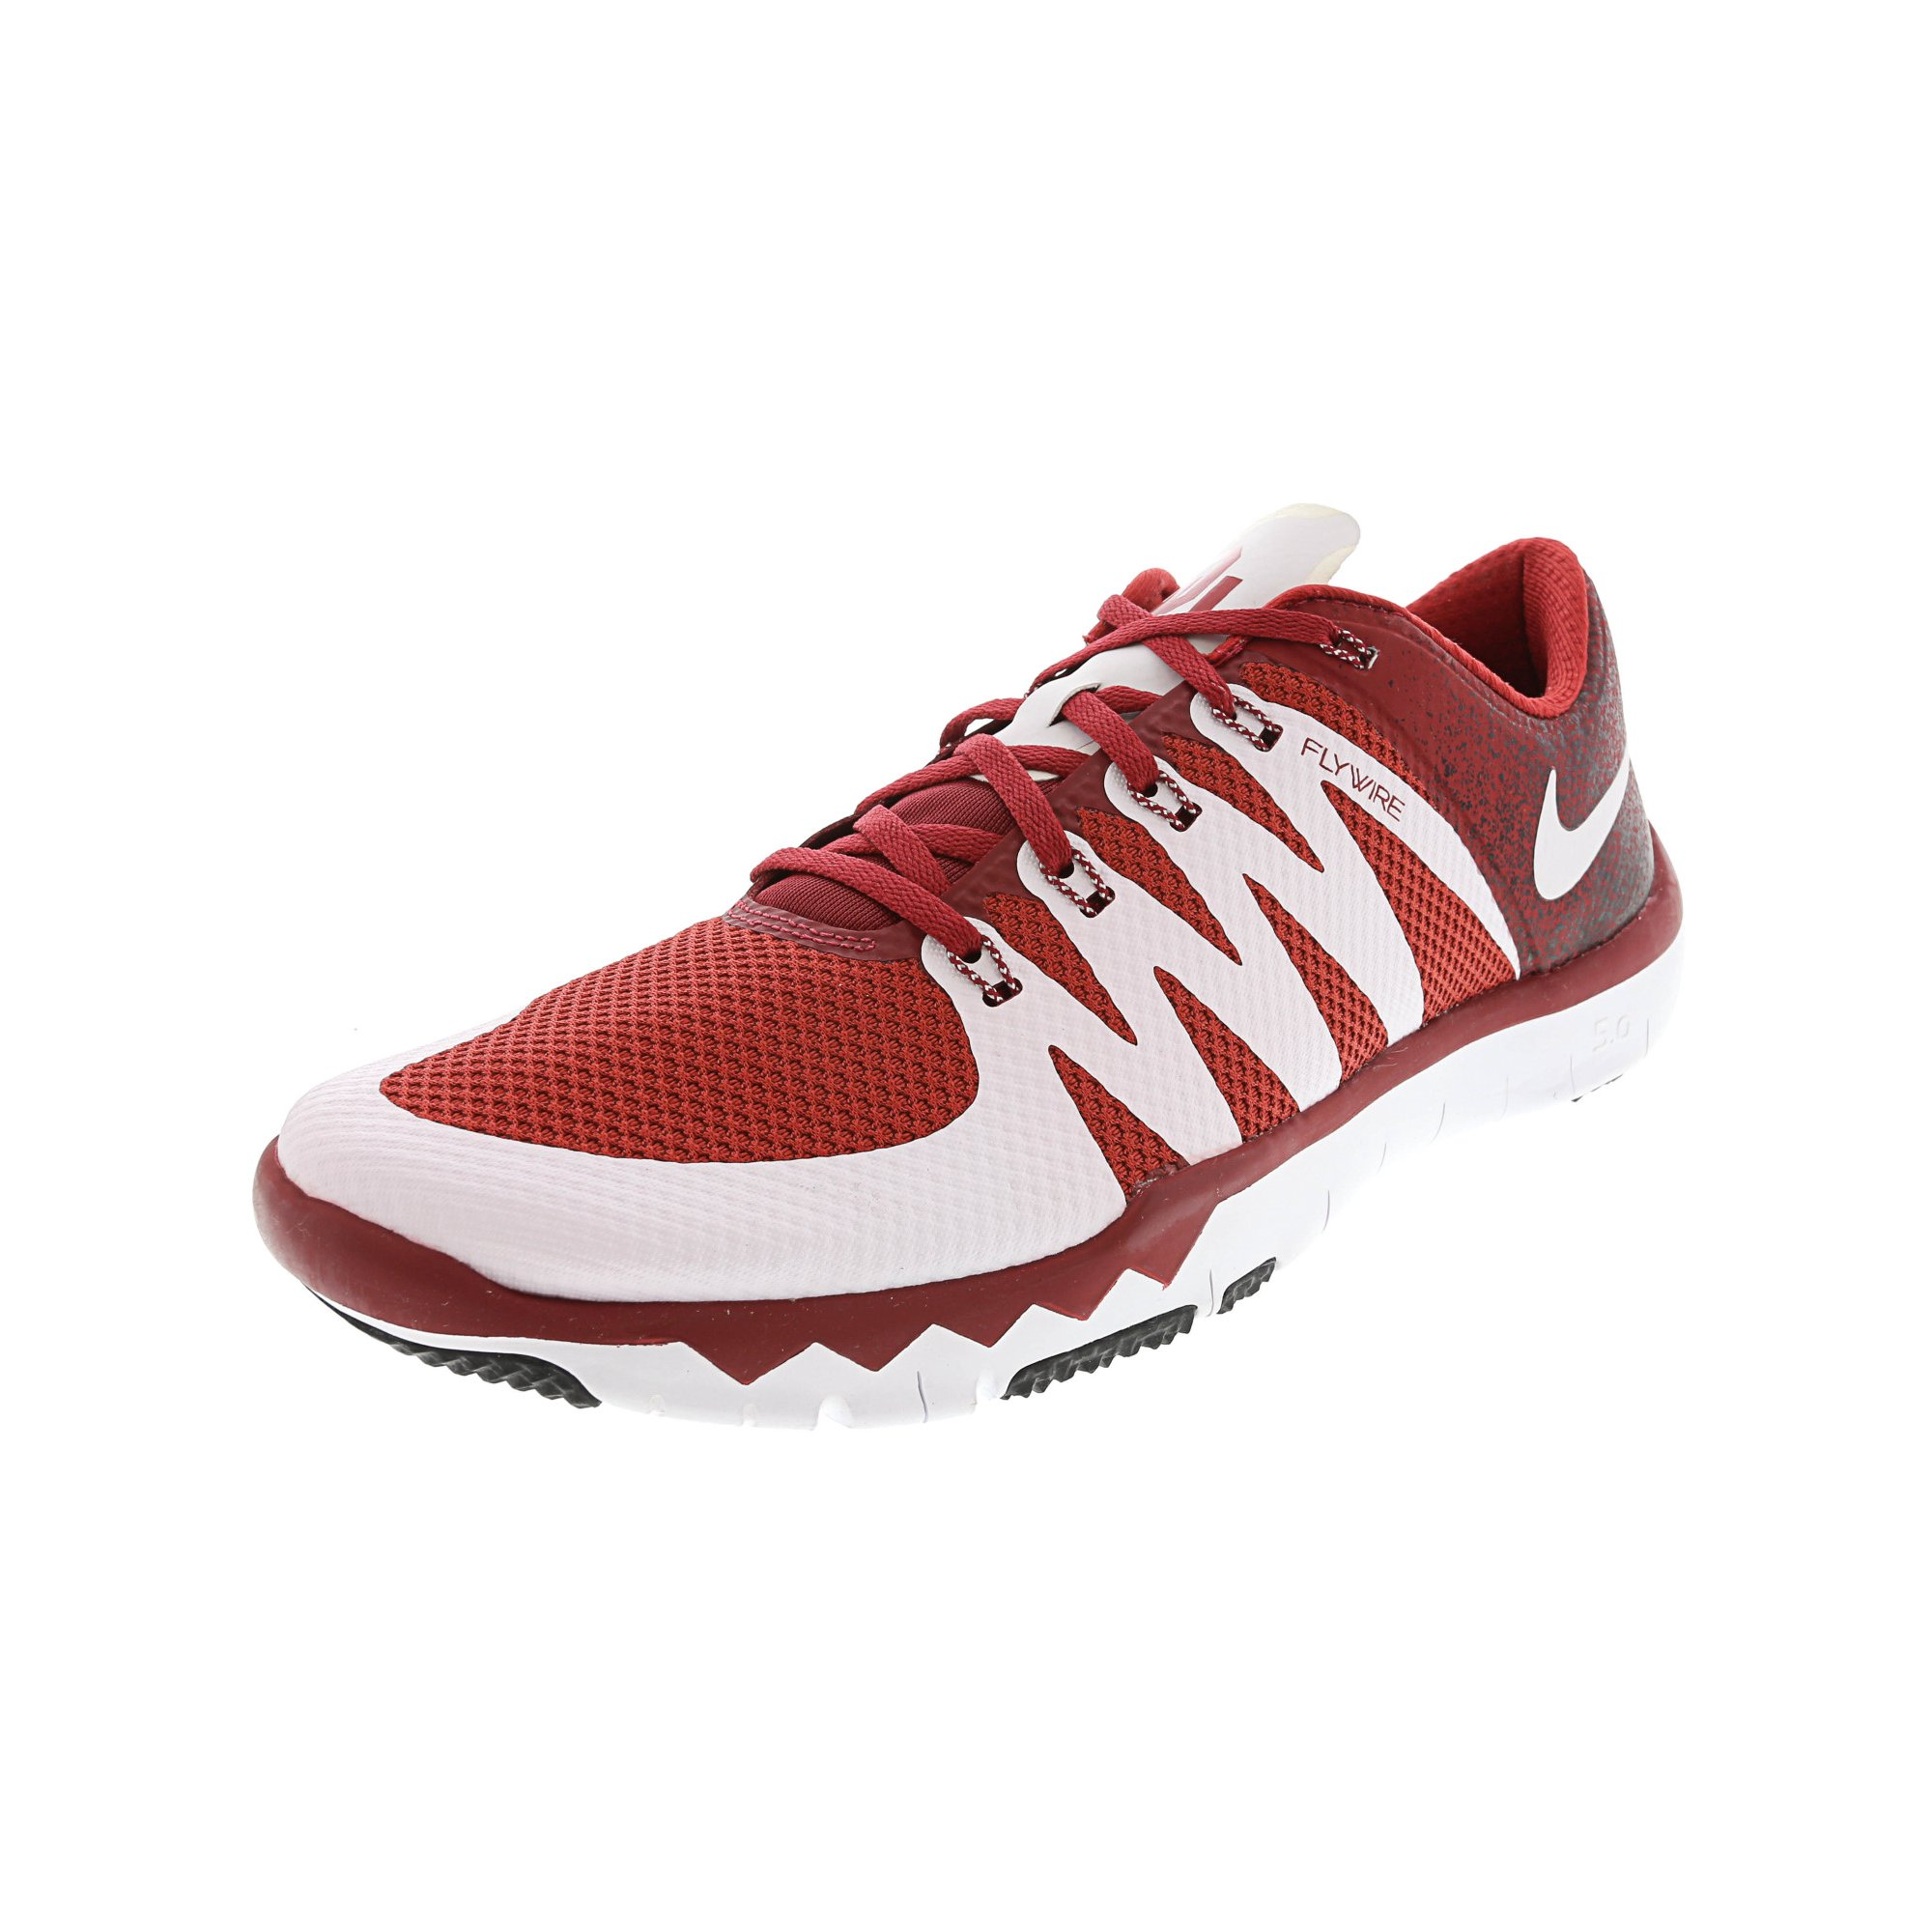 buy popular 362b3 fa57f Nike Men's Free Trainer 5.0 V6 Amp Team Crimson / White ...